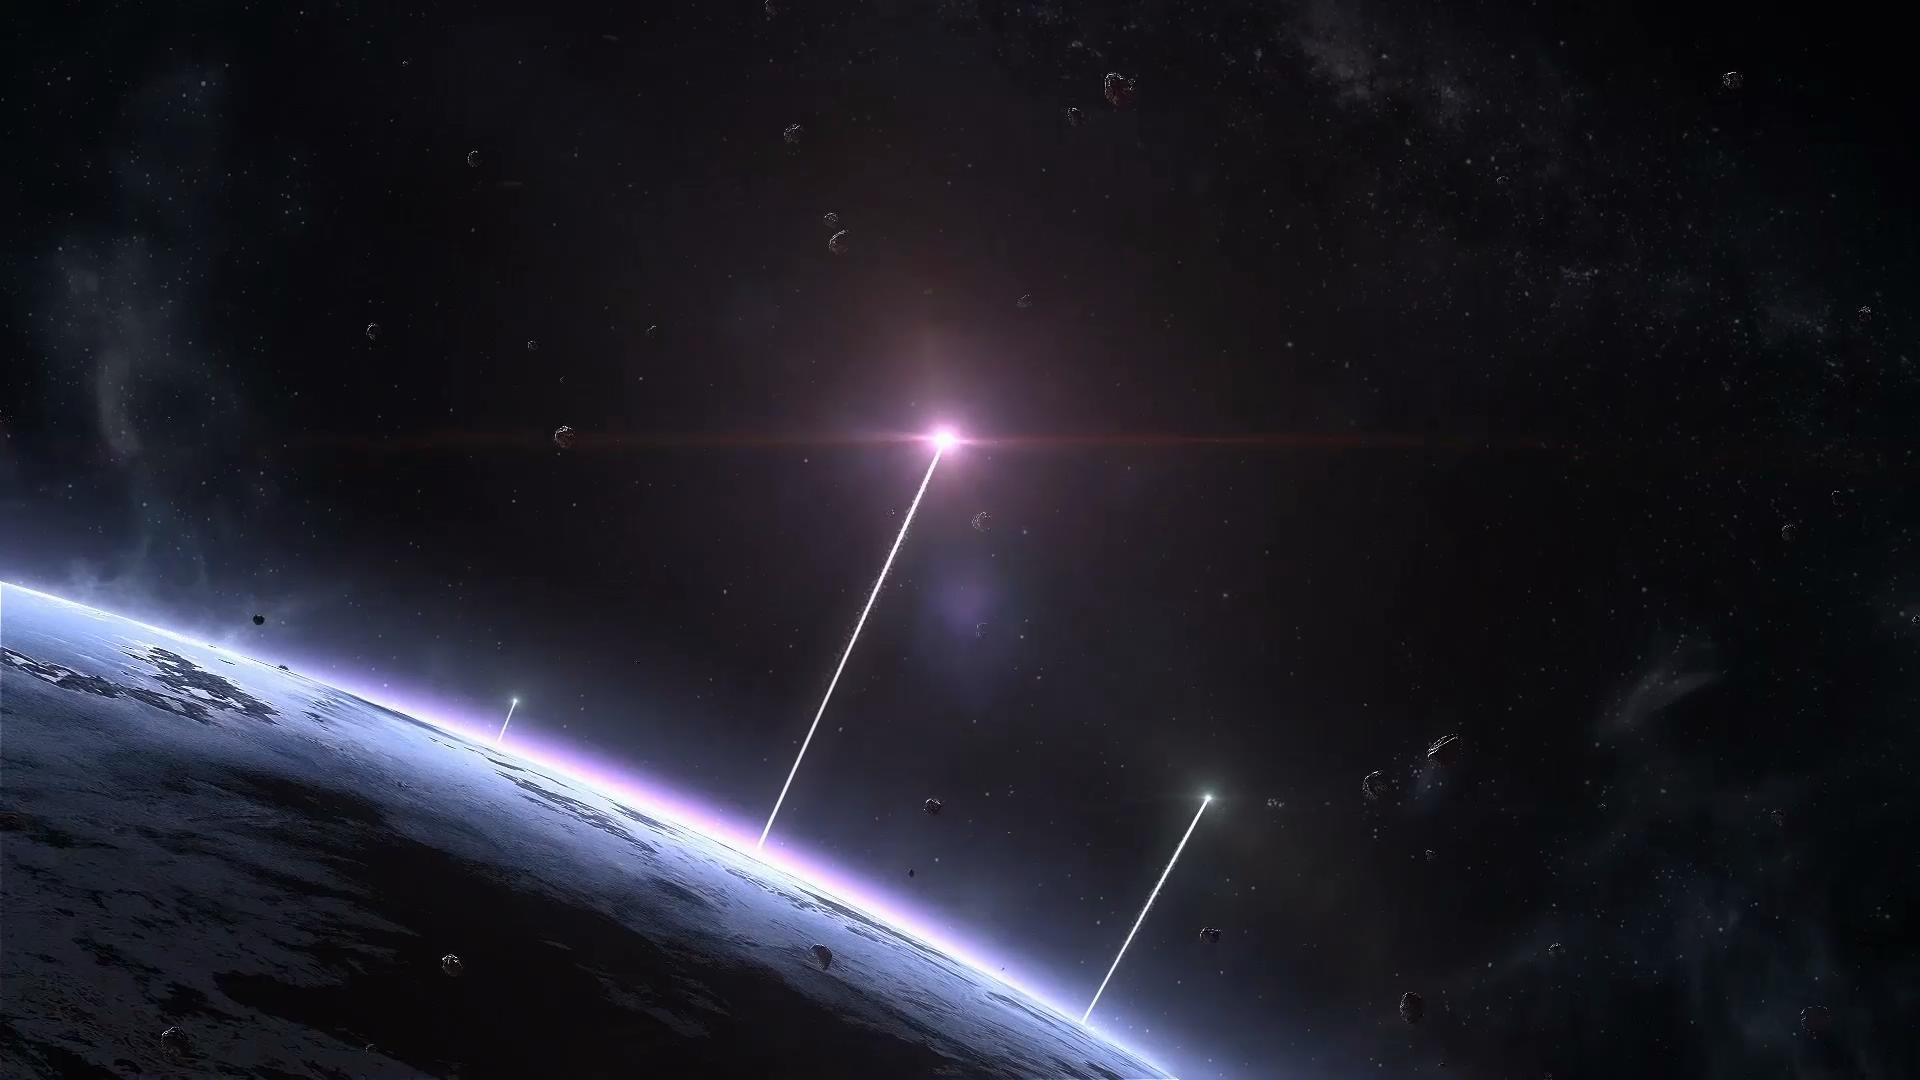 粒子光线冲出地球